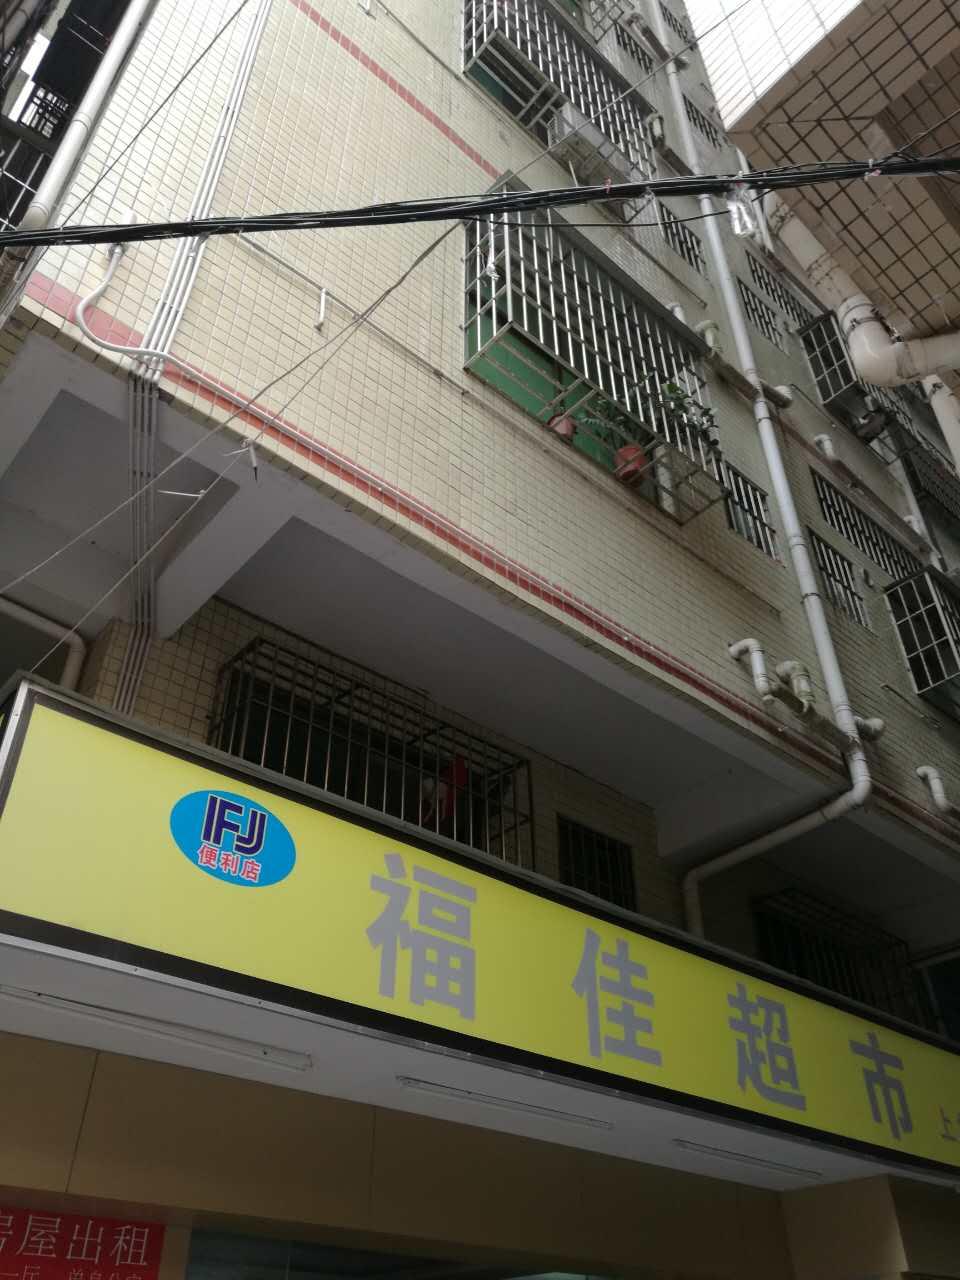 深圳小产权房单身公寓出售,公明上村全新装修 房地产 公寓 不动产 一房一厅 第10张